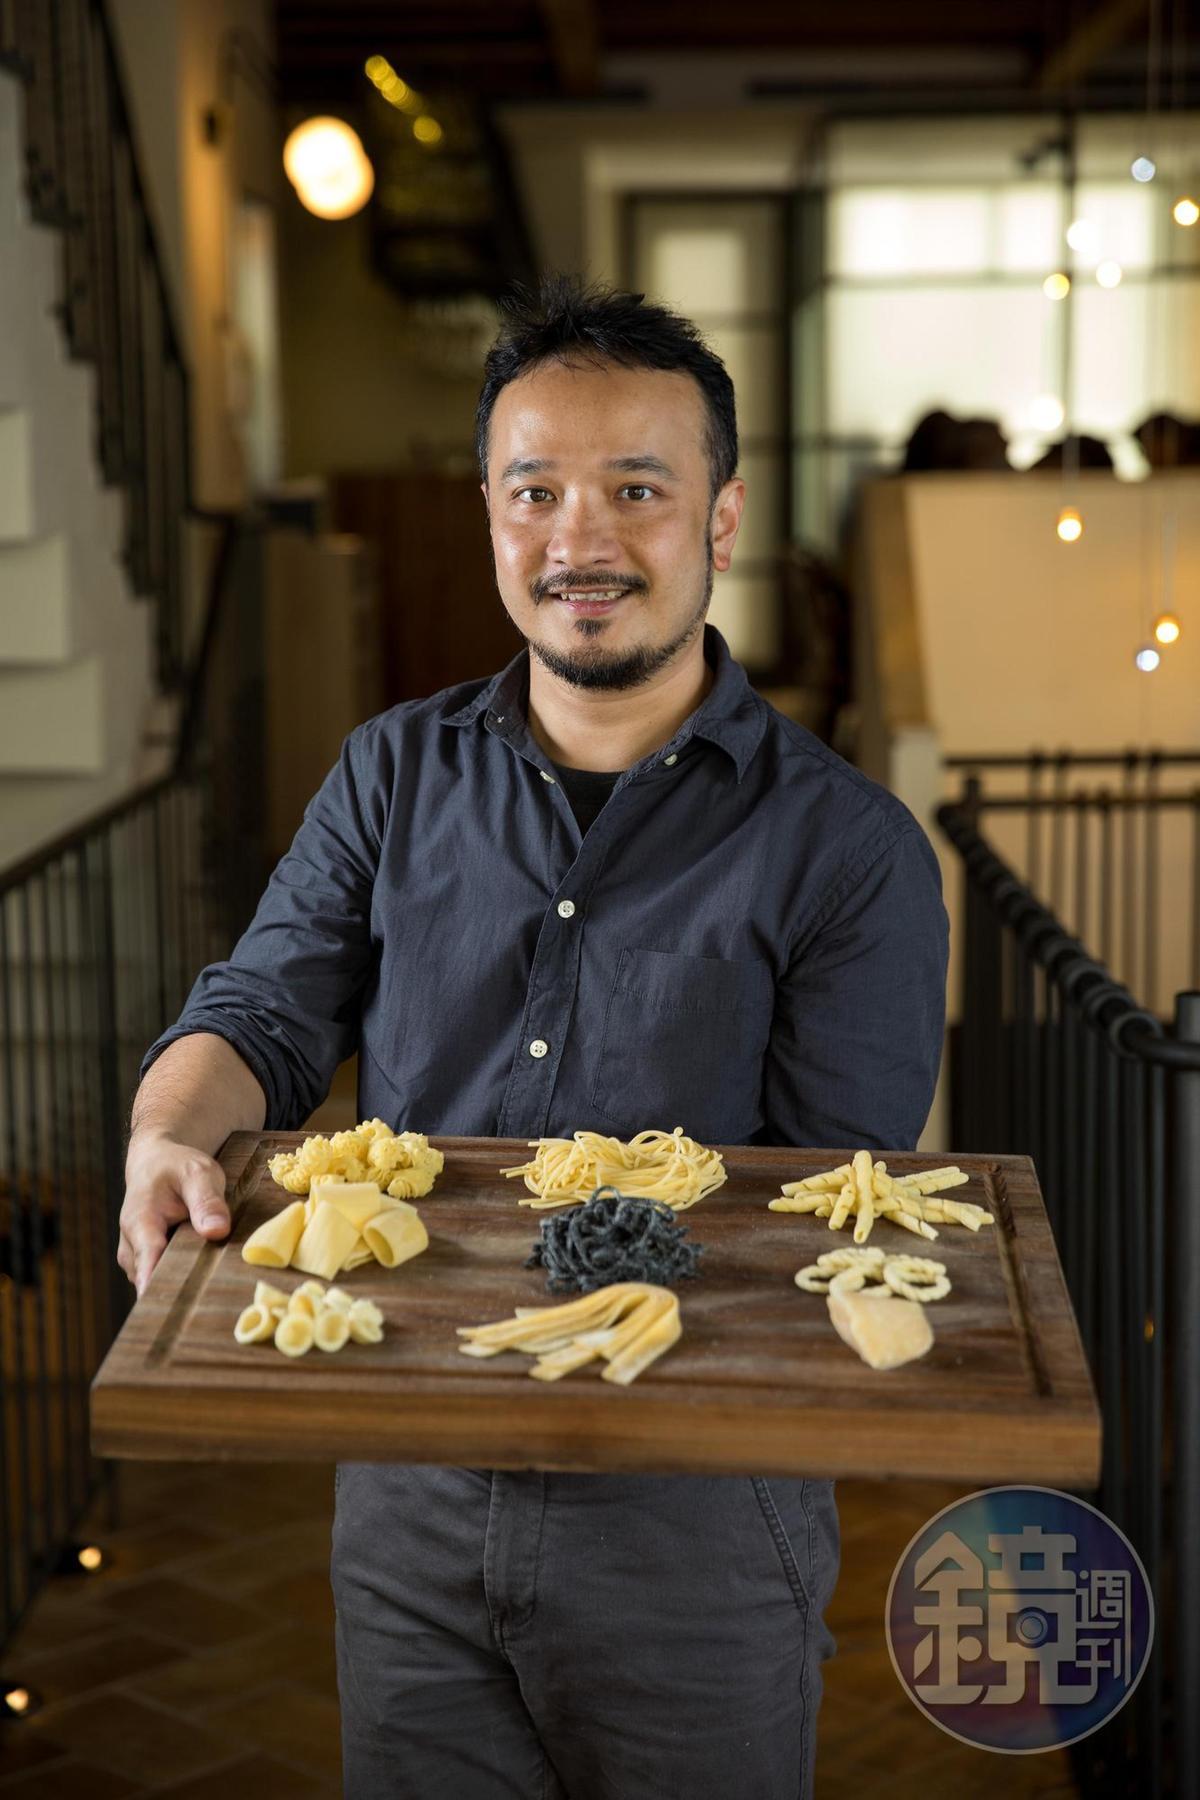 老闆兼主廚黃慶德(Boris),整個人散發著對料理的熱情。